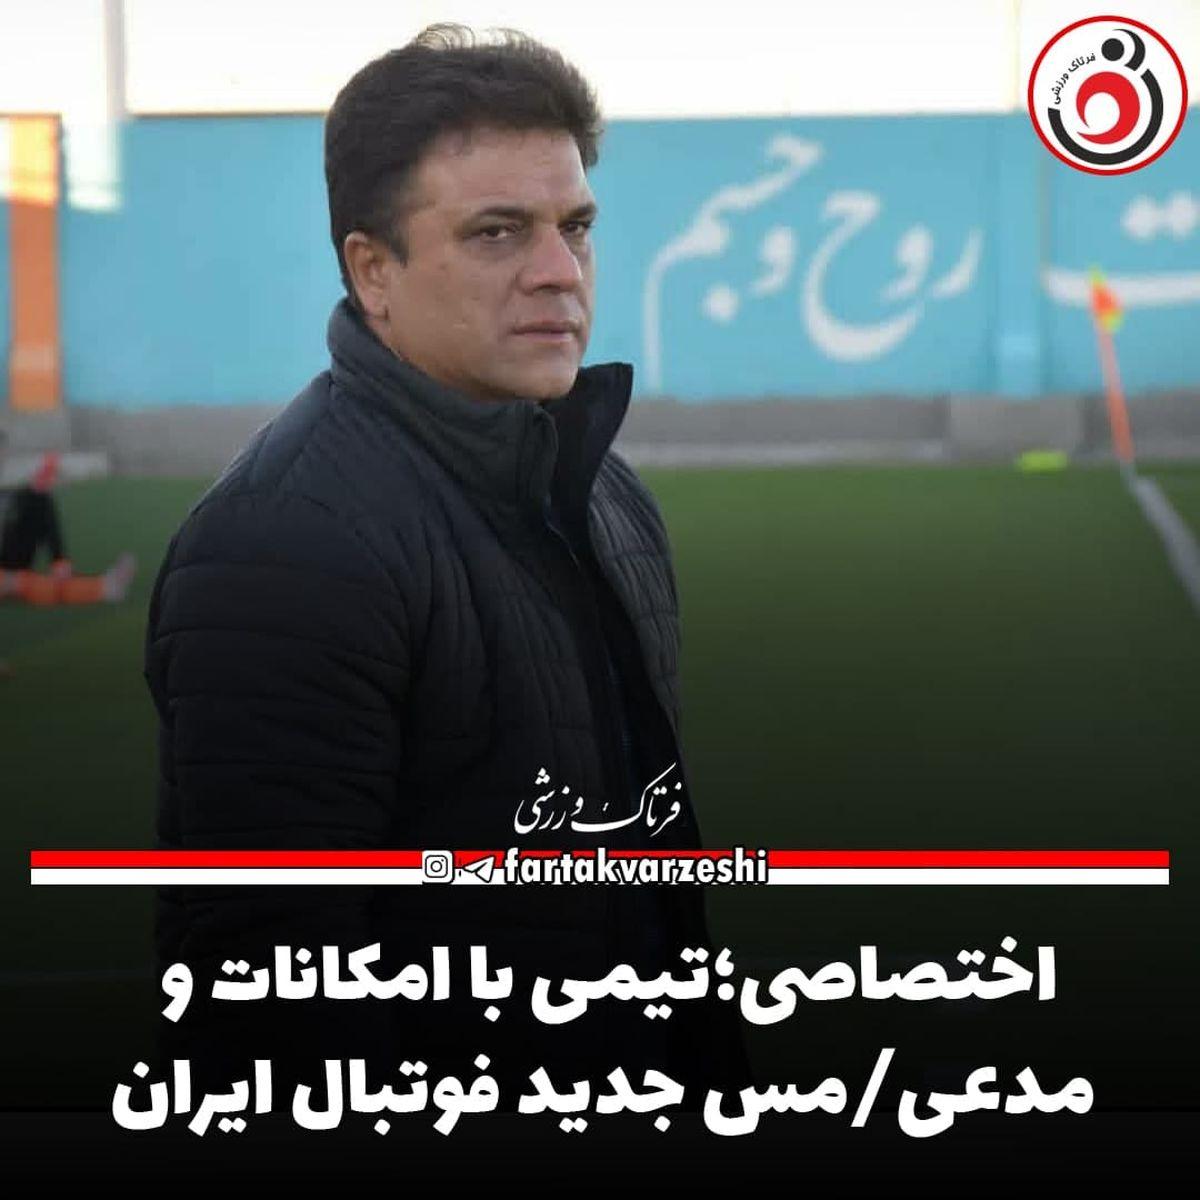 اختصاصی؛ تیمی با امکانات و مدعی/مس جدید فوتبال ایران